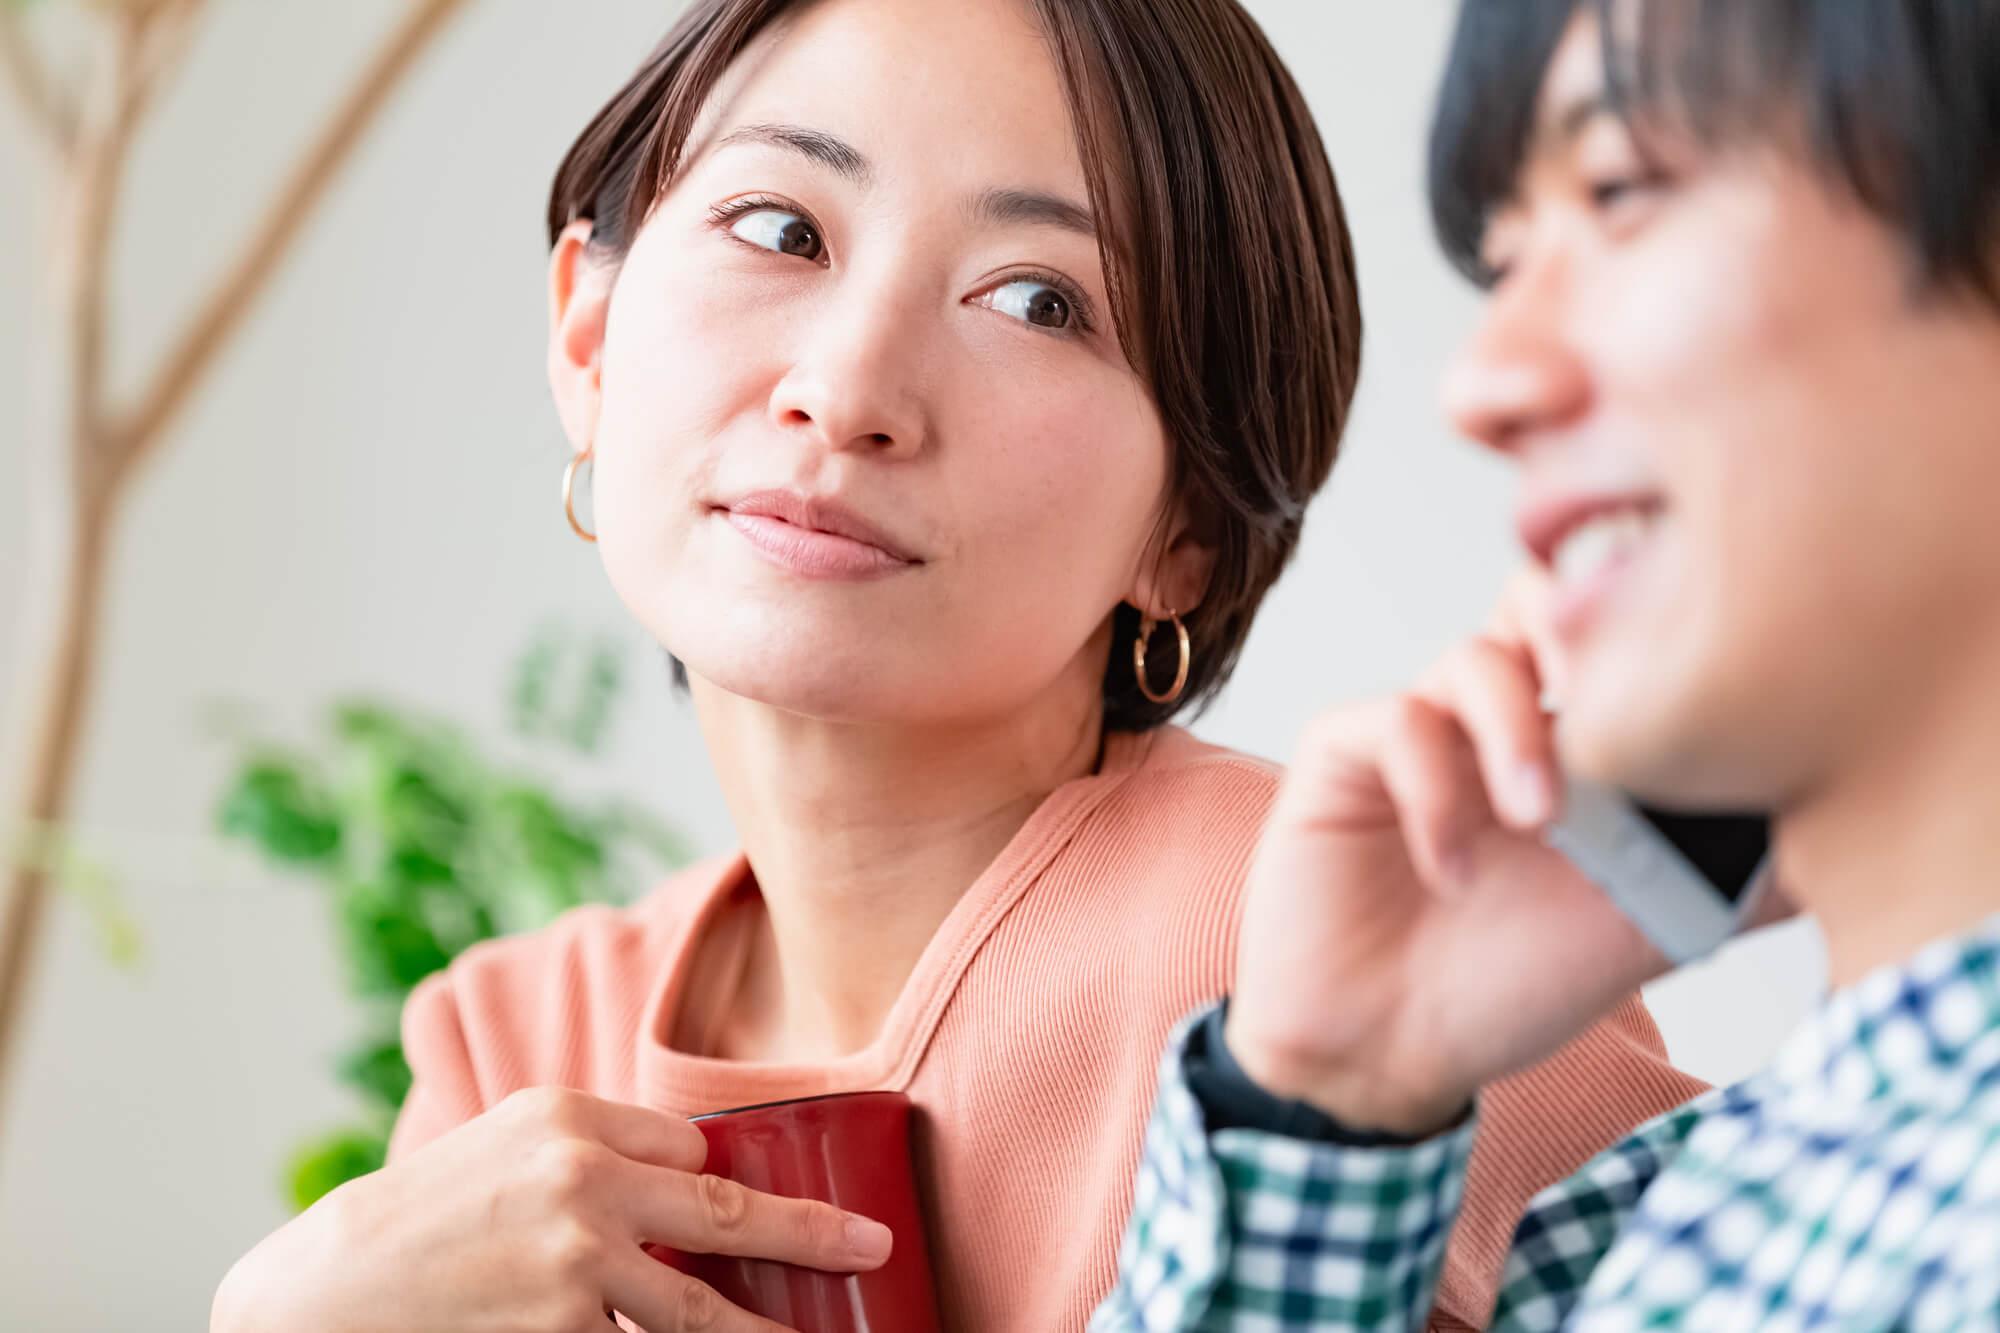 セックスレスで夫婦関係に悩む若い女性